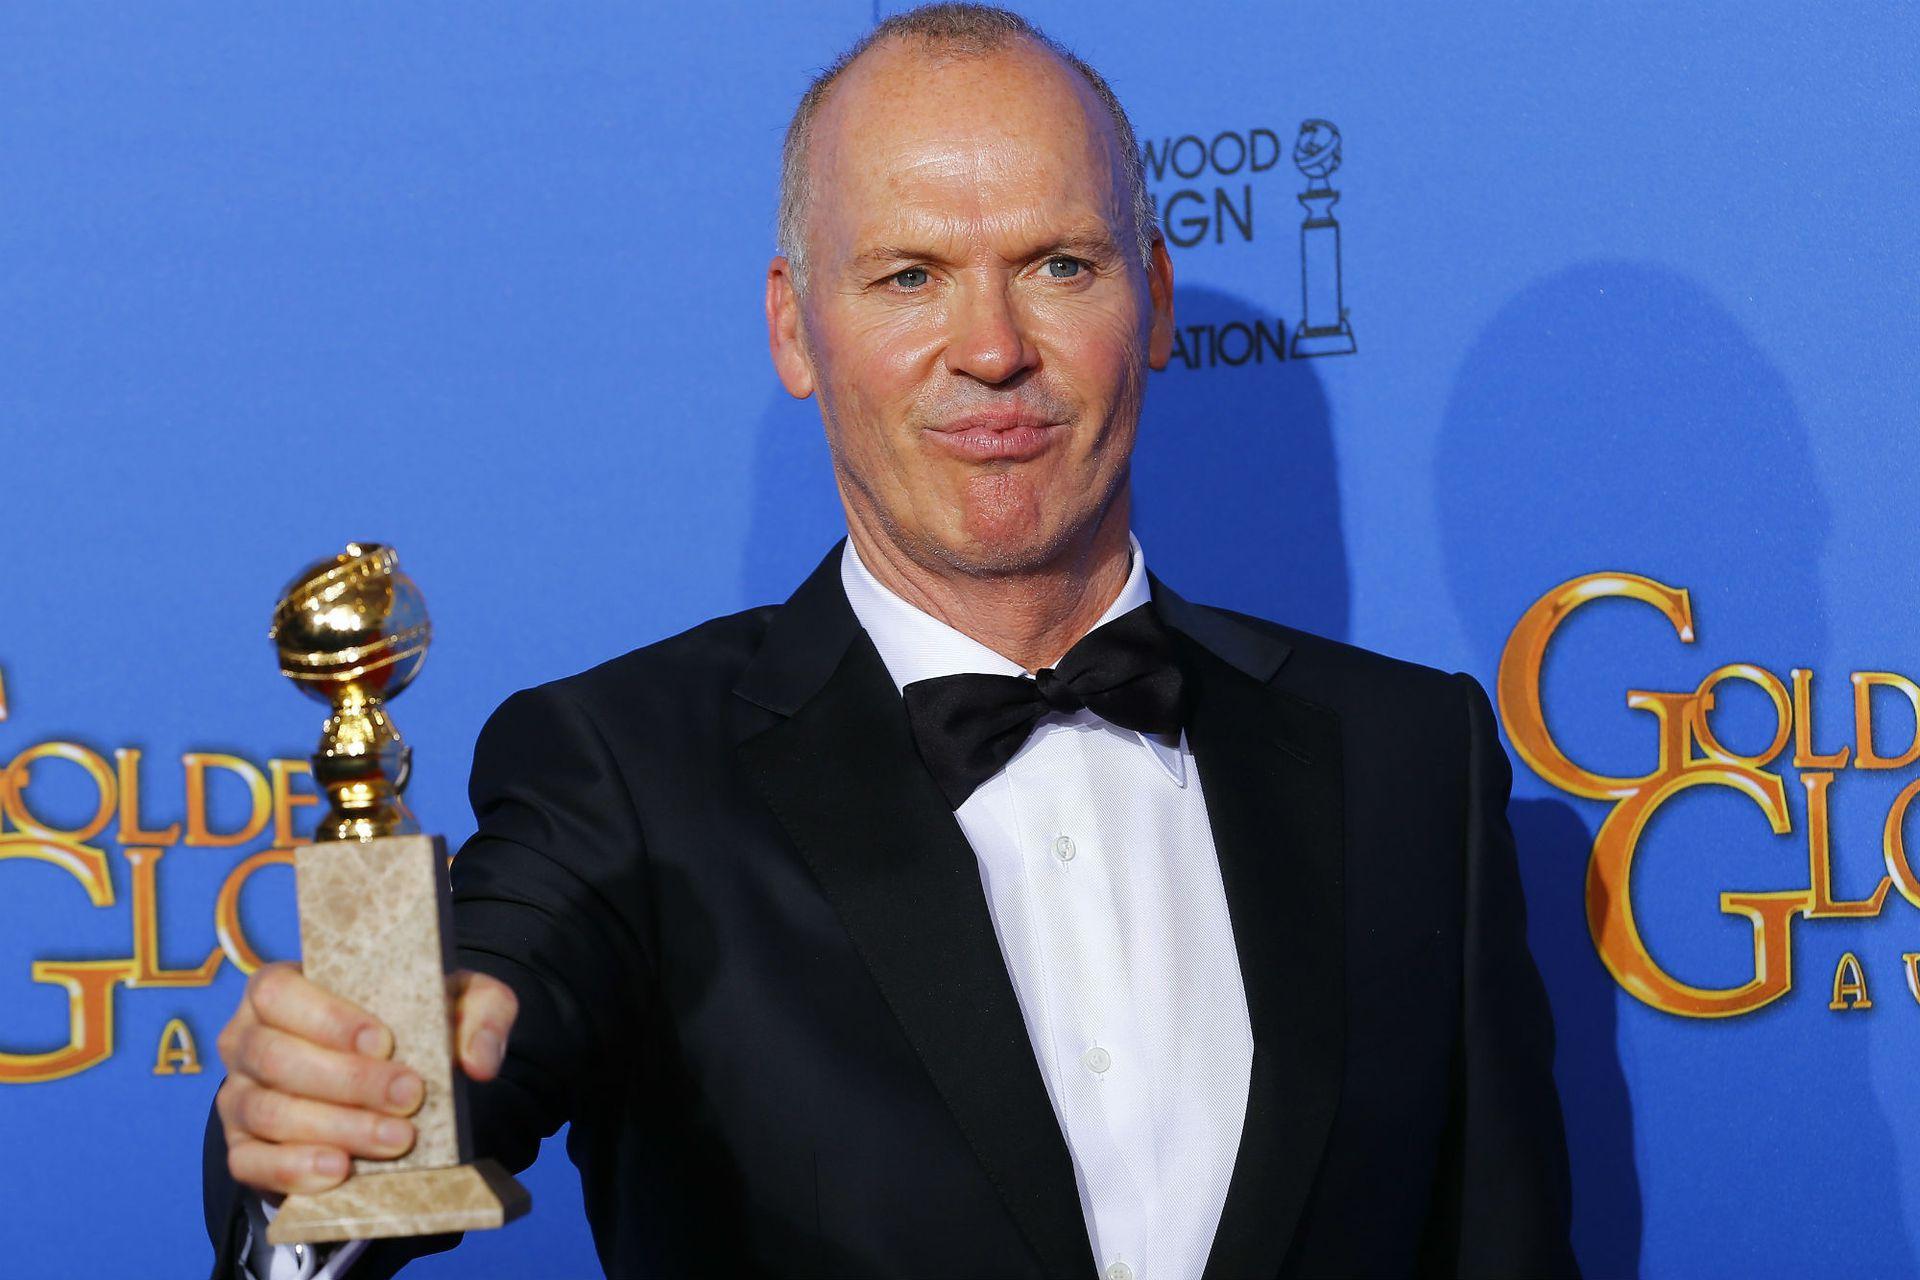 La carrera de Keaton tuvo muchos desniveles, pero su gran comeback fue con Birdman, film por el que ganó el Globo de Oro en 2015 y por el que recibió una nominación al Oscar